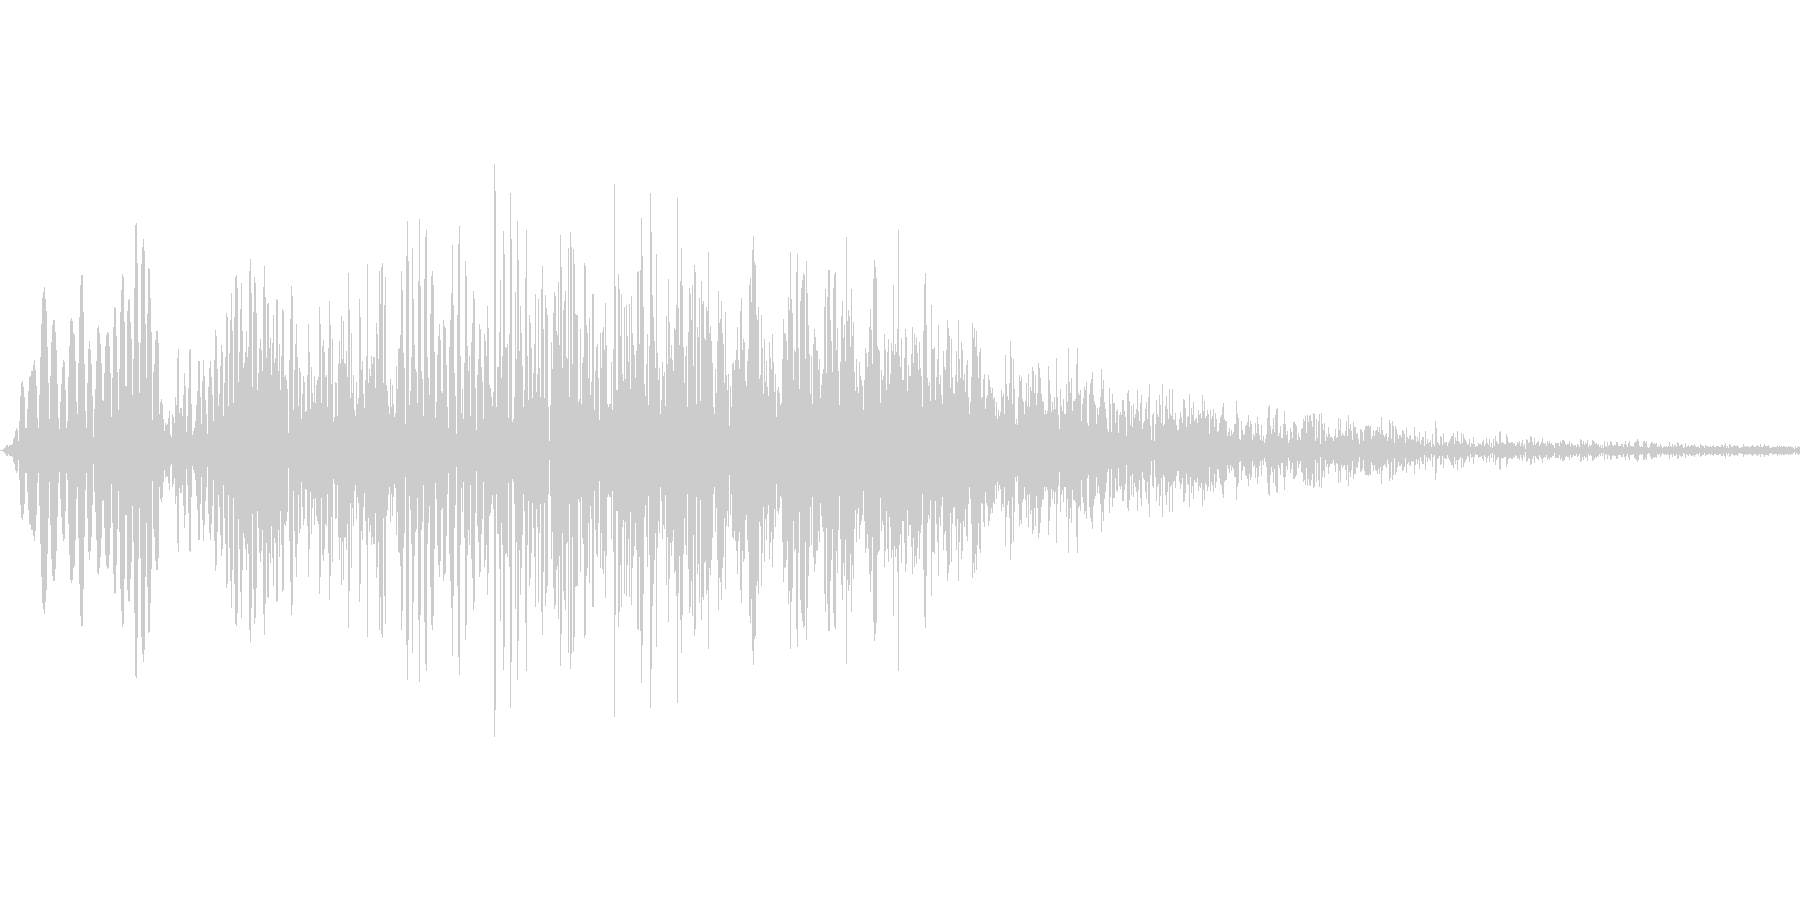 キャンセル音、削除音の未再生の波形